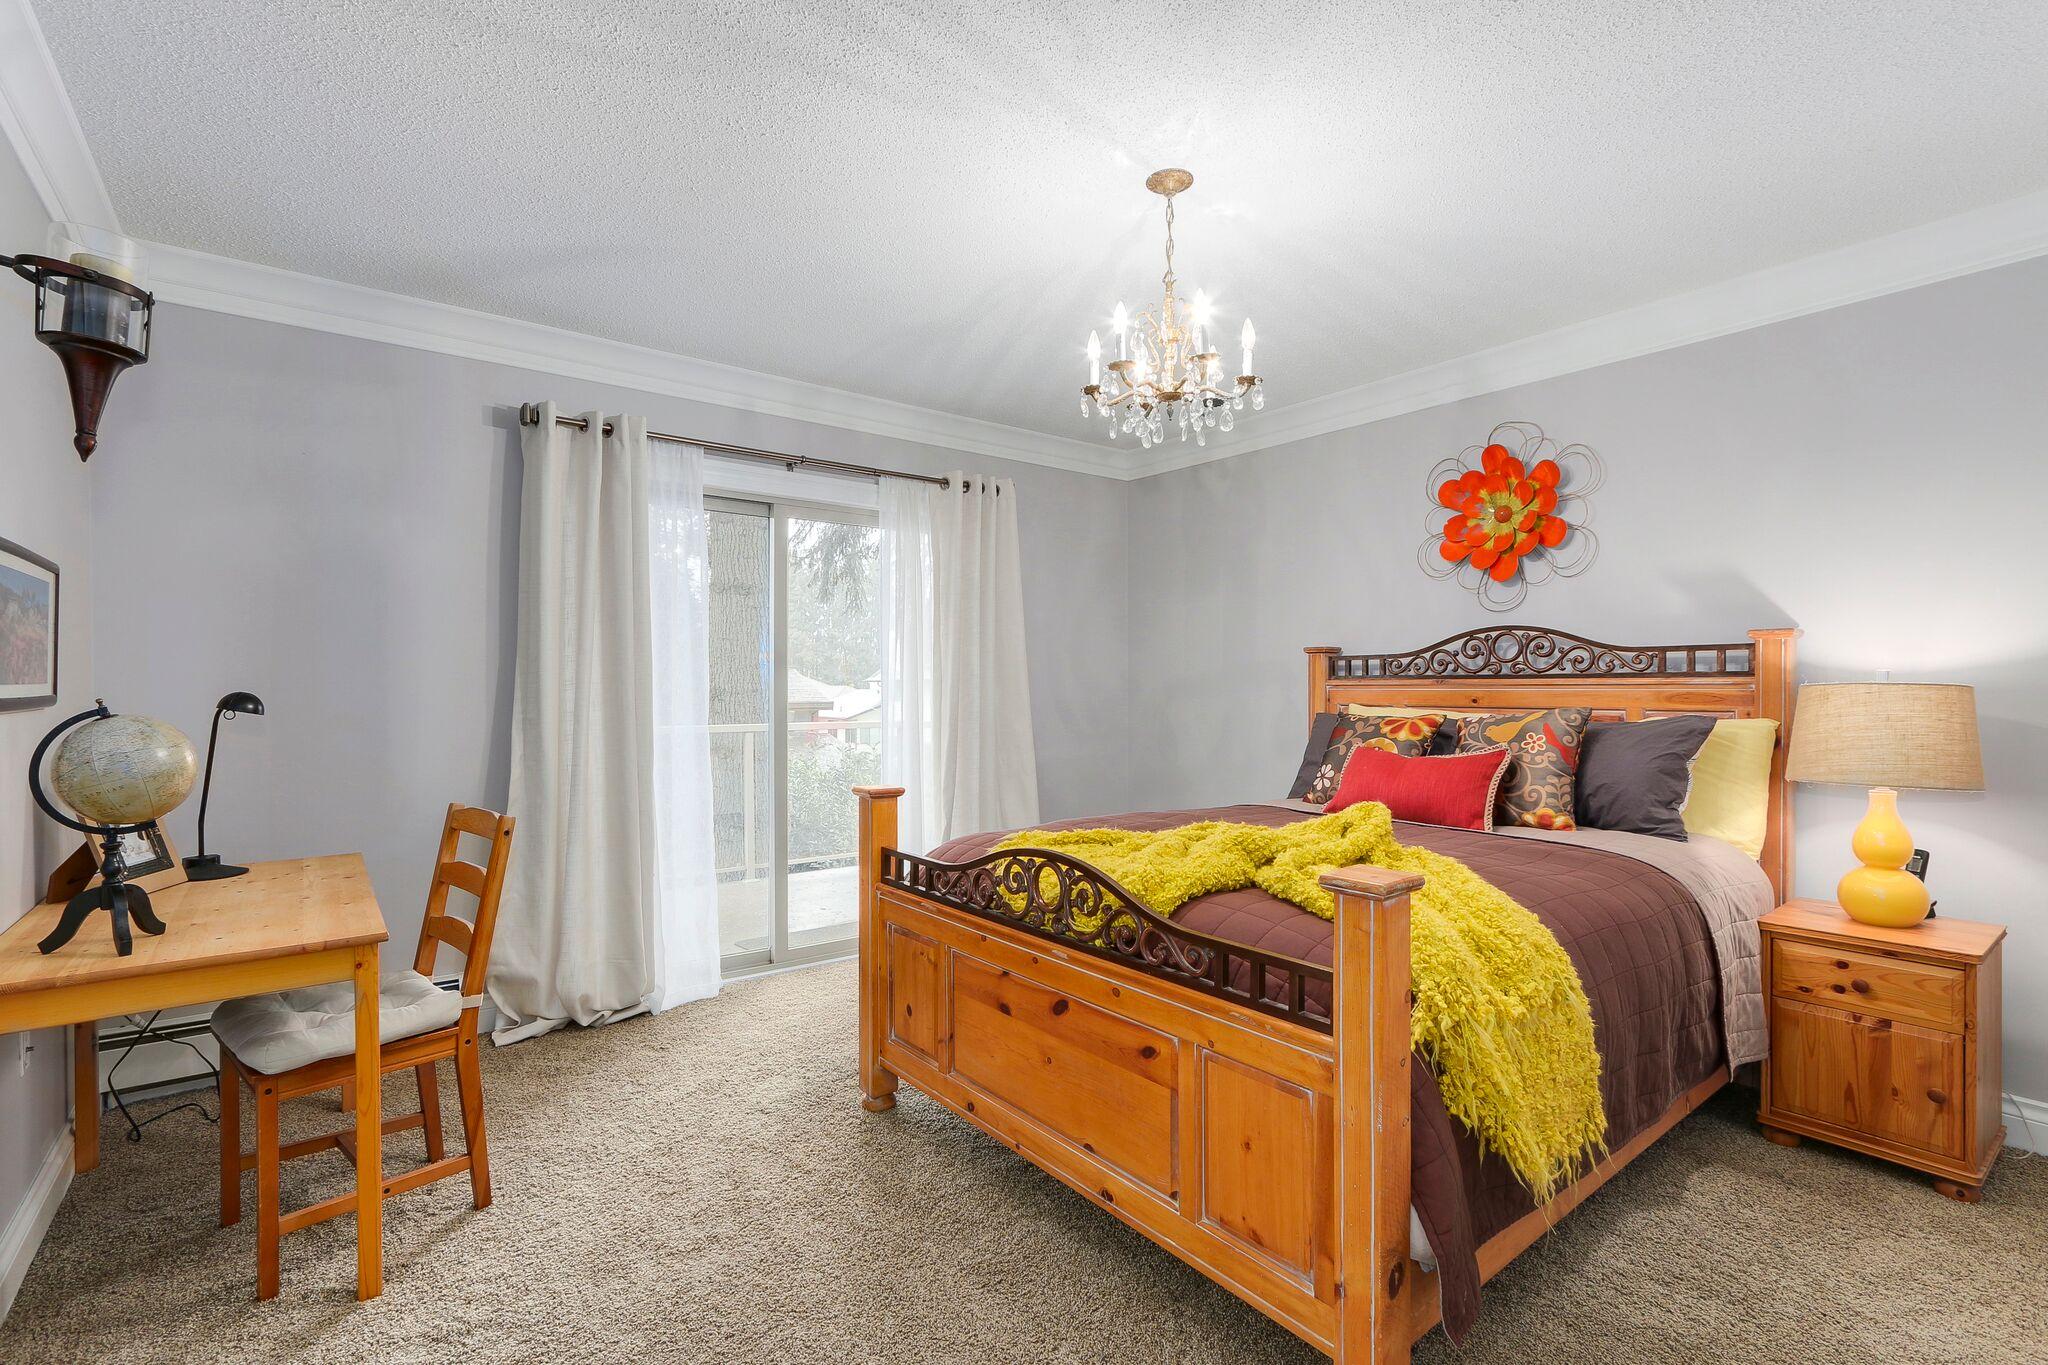 Luxury Bedroom Renovation in Coquitlam